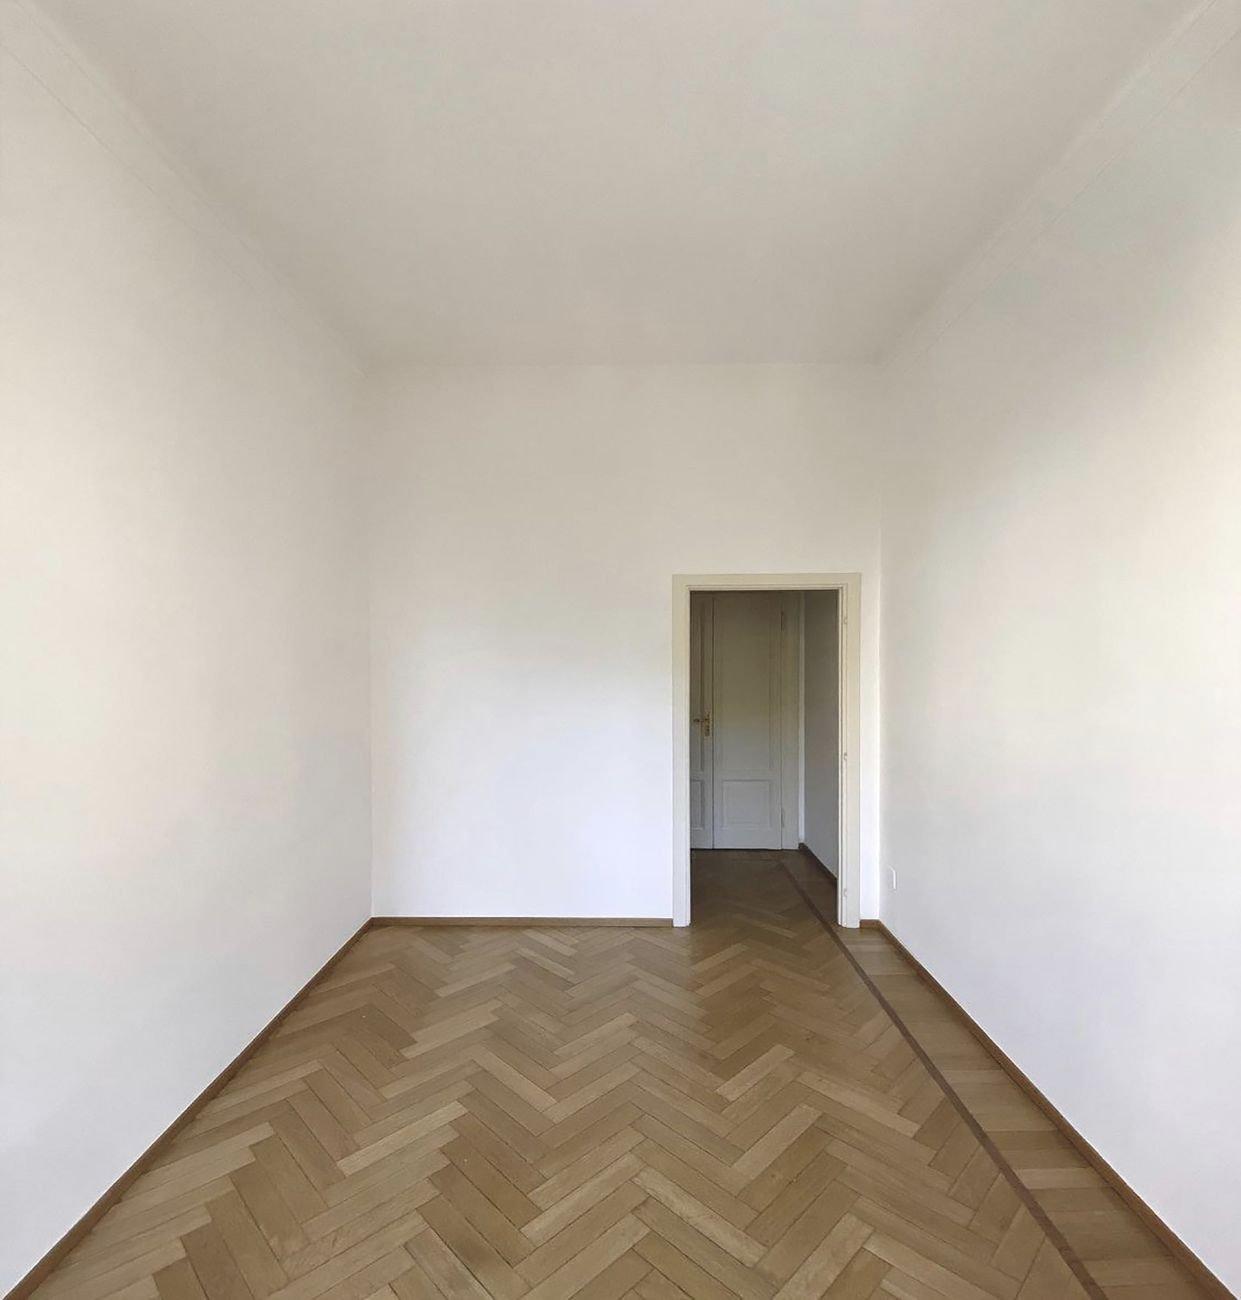 Giorgio Galotti, Casa privata Giorgio Galotti, Ludoteca, 2021, courtesy Giorgio Galotti